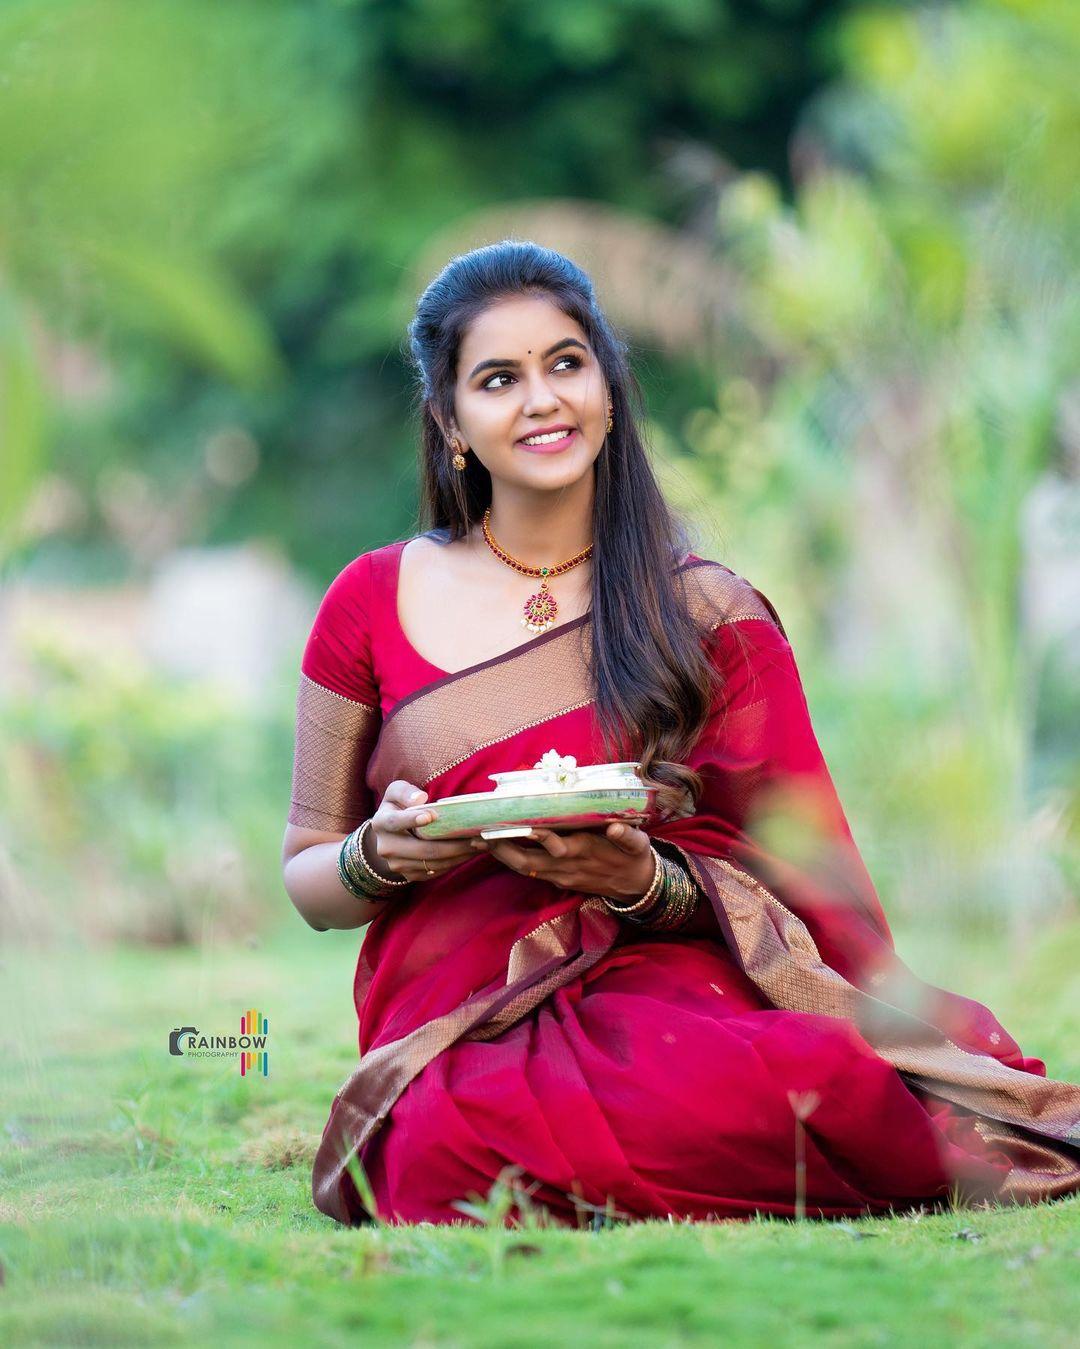 நடிகை சைத்ரா ரெட்டி ( Image: Instagram @chaitrareddy_official )